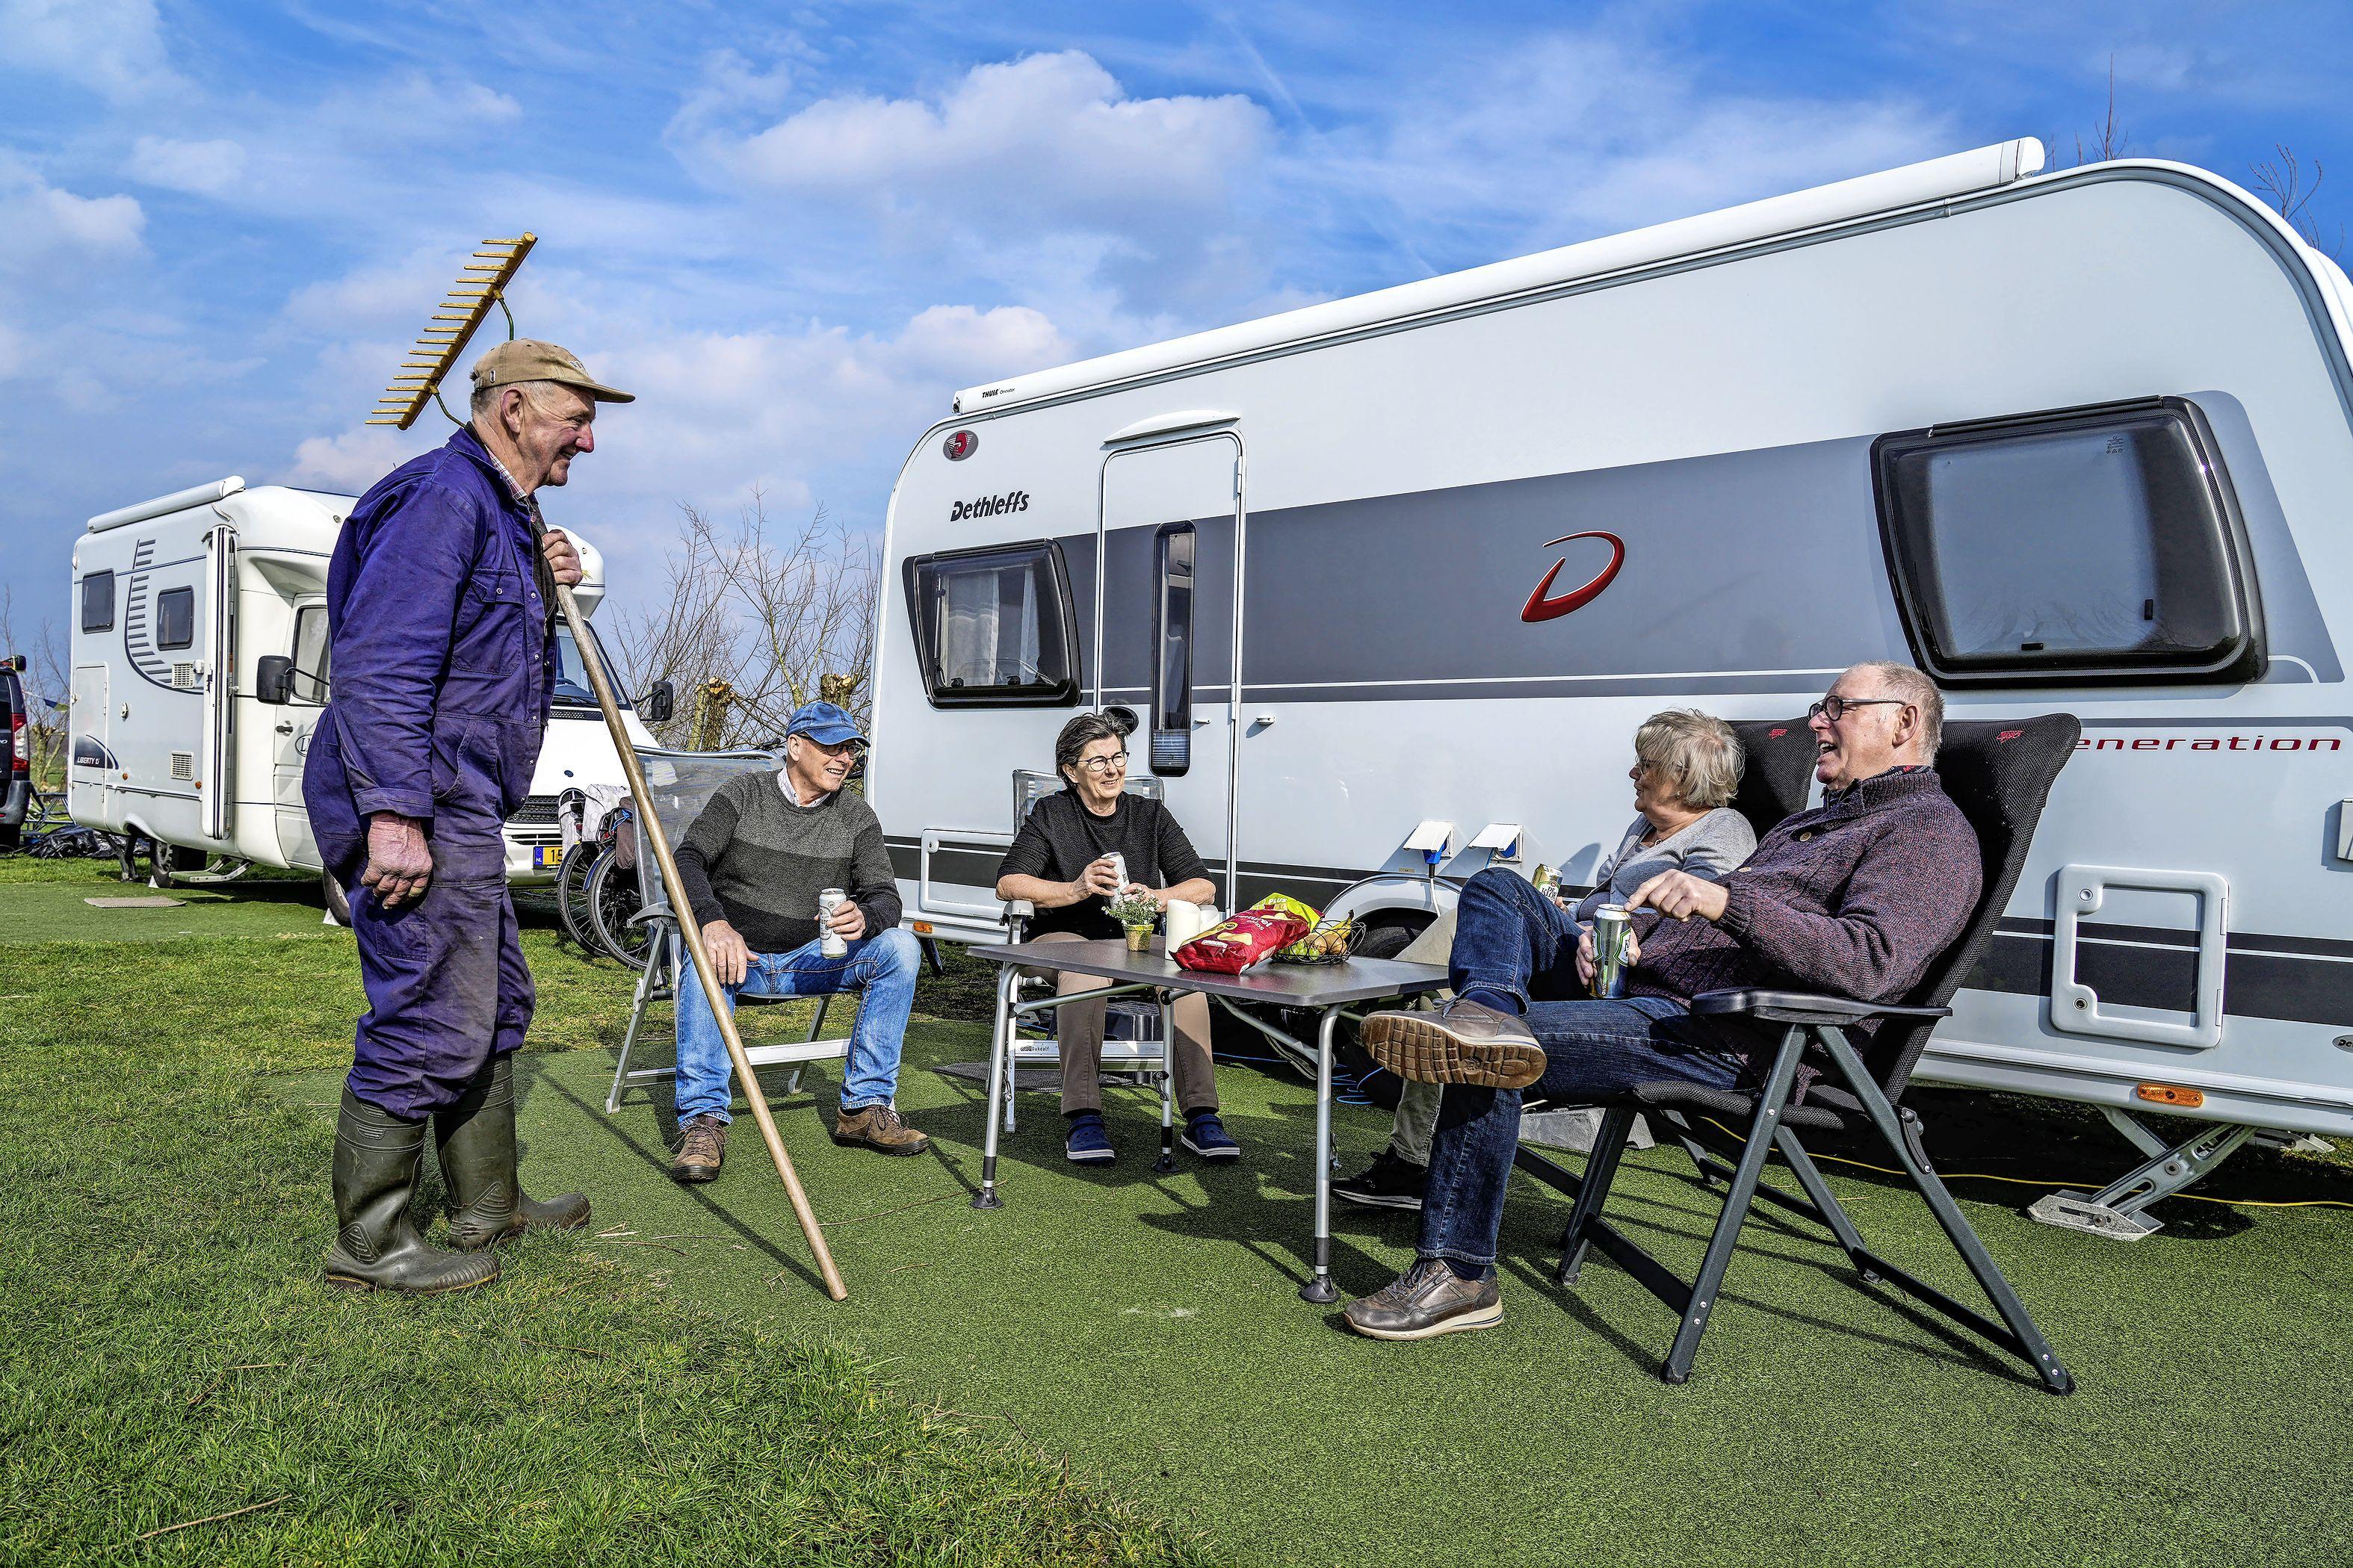 'Je wil er toch even tussenuit'; Hotelgasten boeken op allerlaatste moment; run op campings voor paasweekend en meivakantie